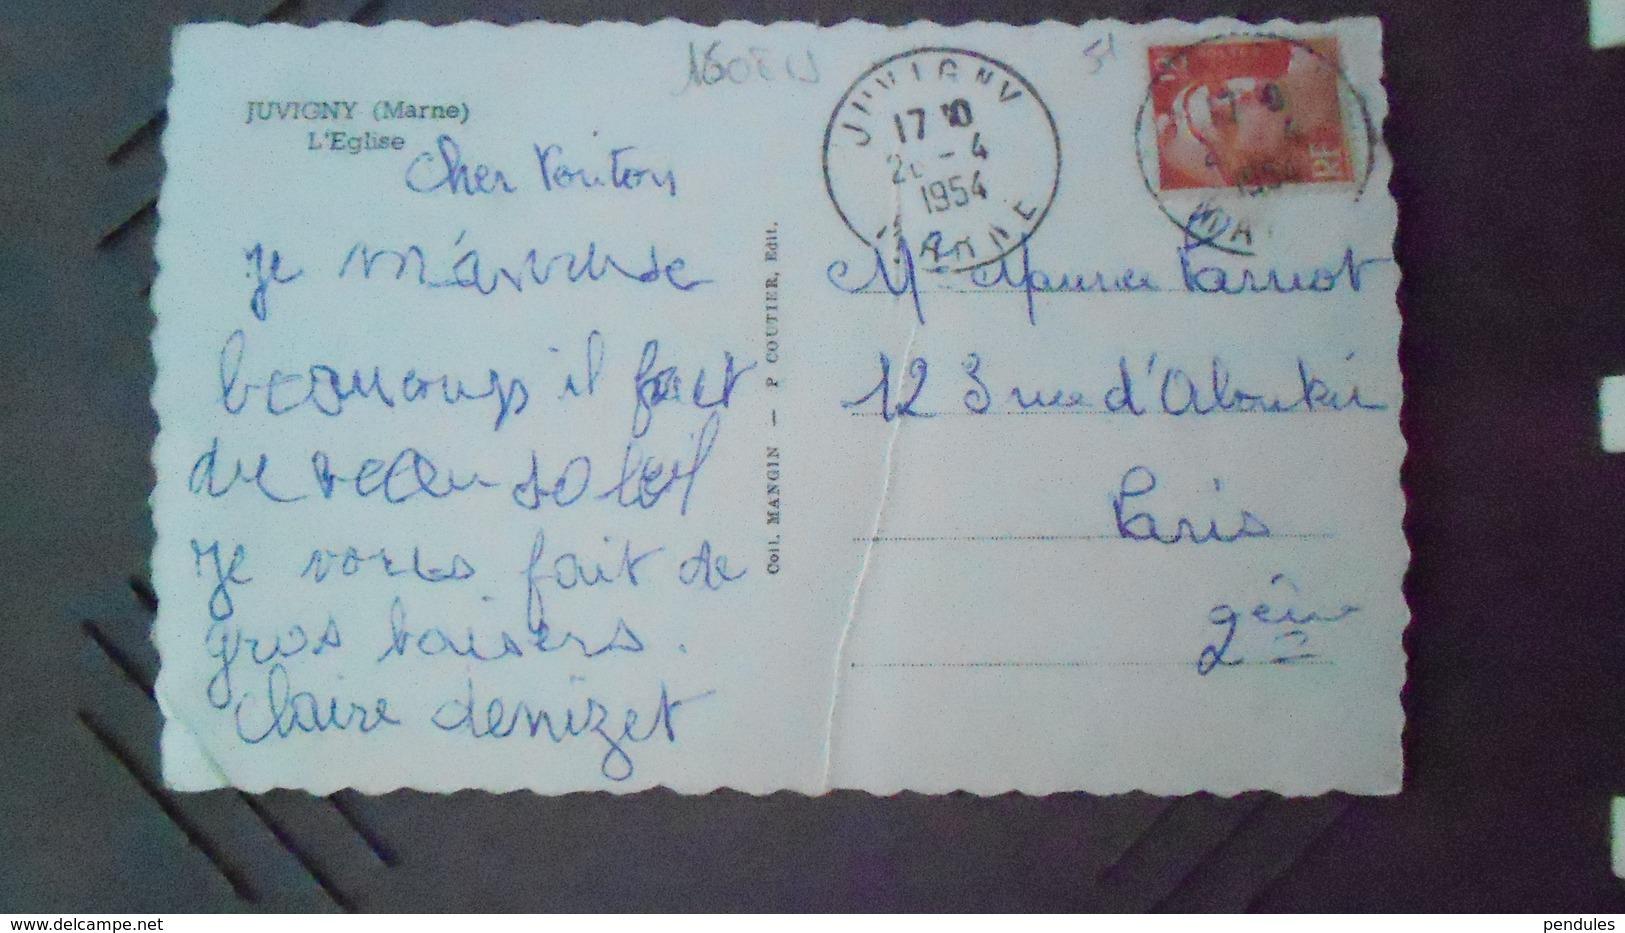 51CARTE DE JUVIGNYN° DE CASIER 1608 UCIRCULEPLIURE - France